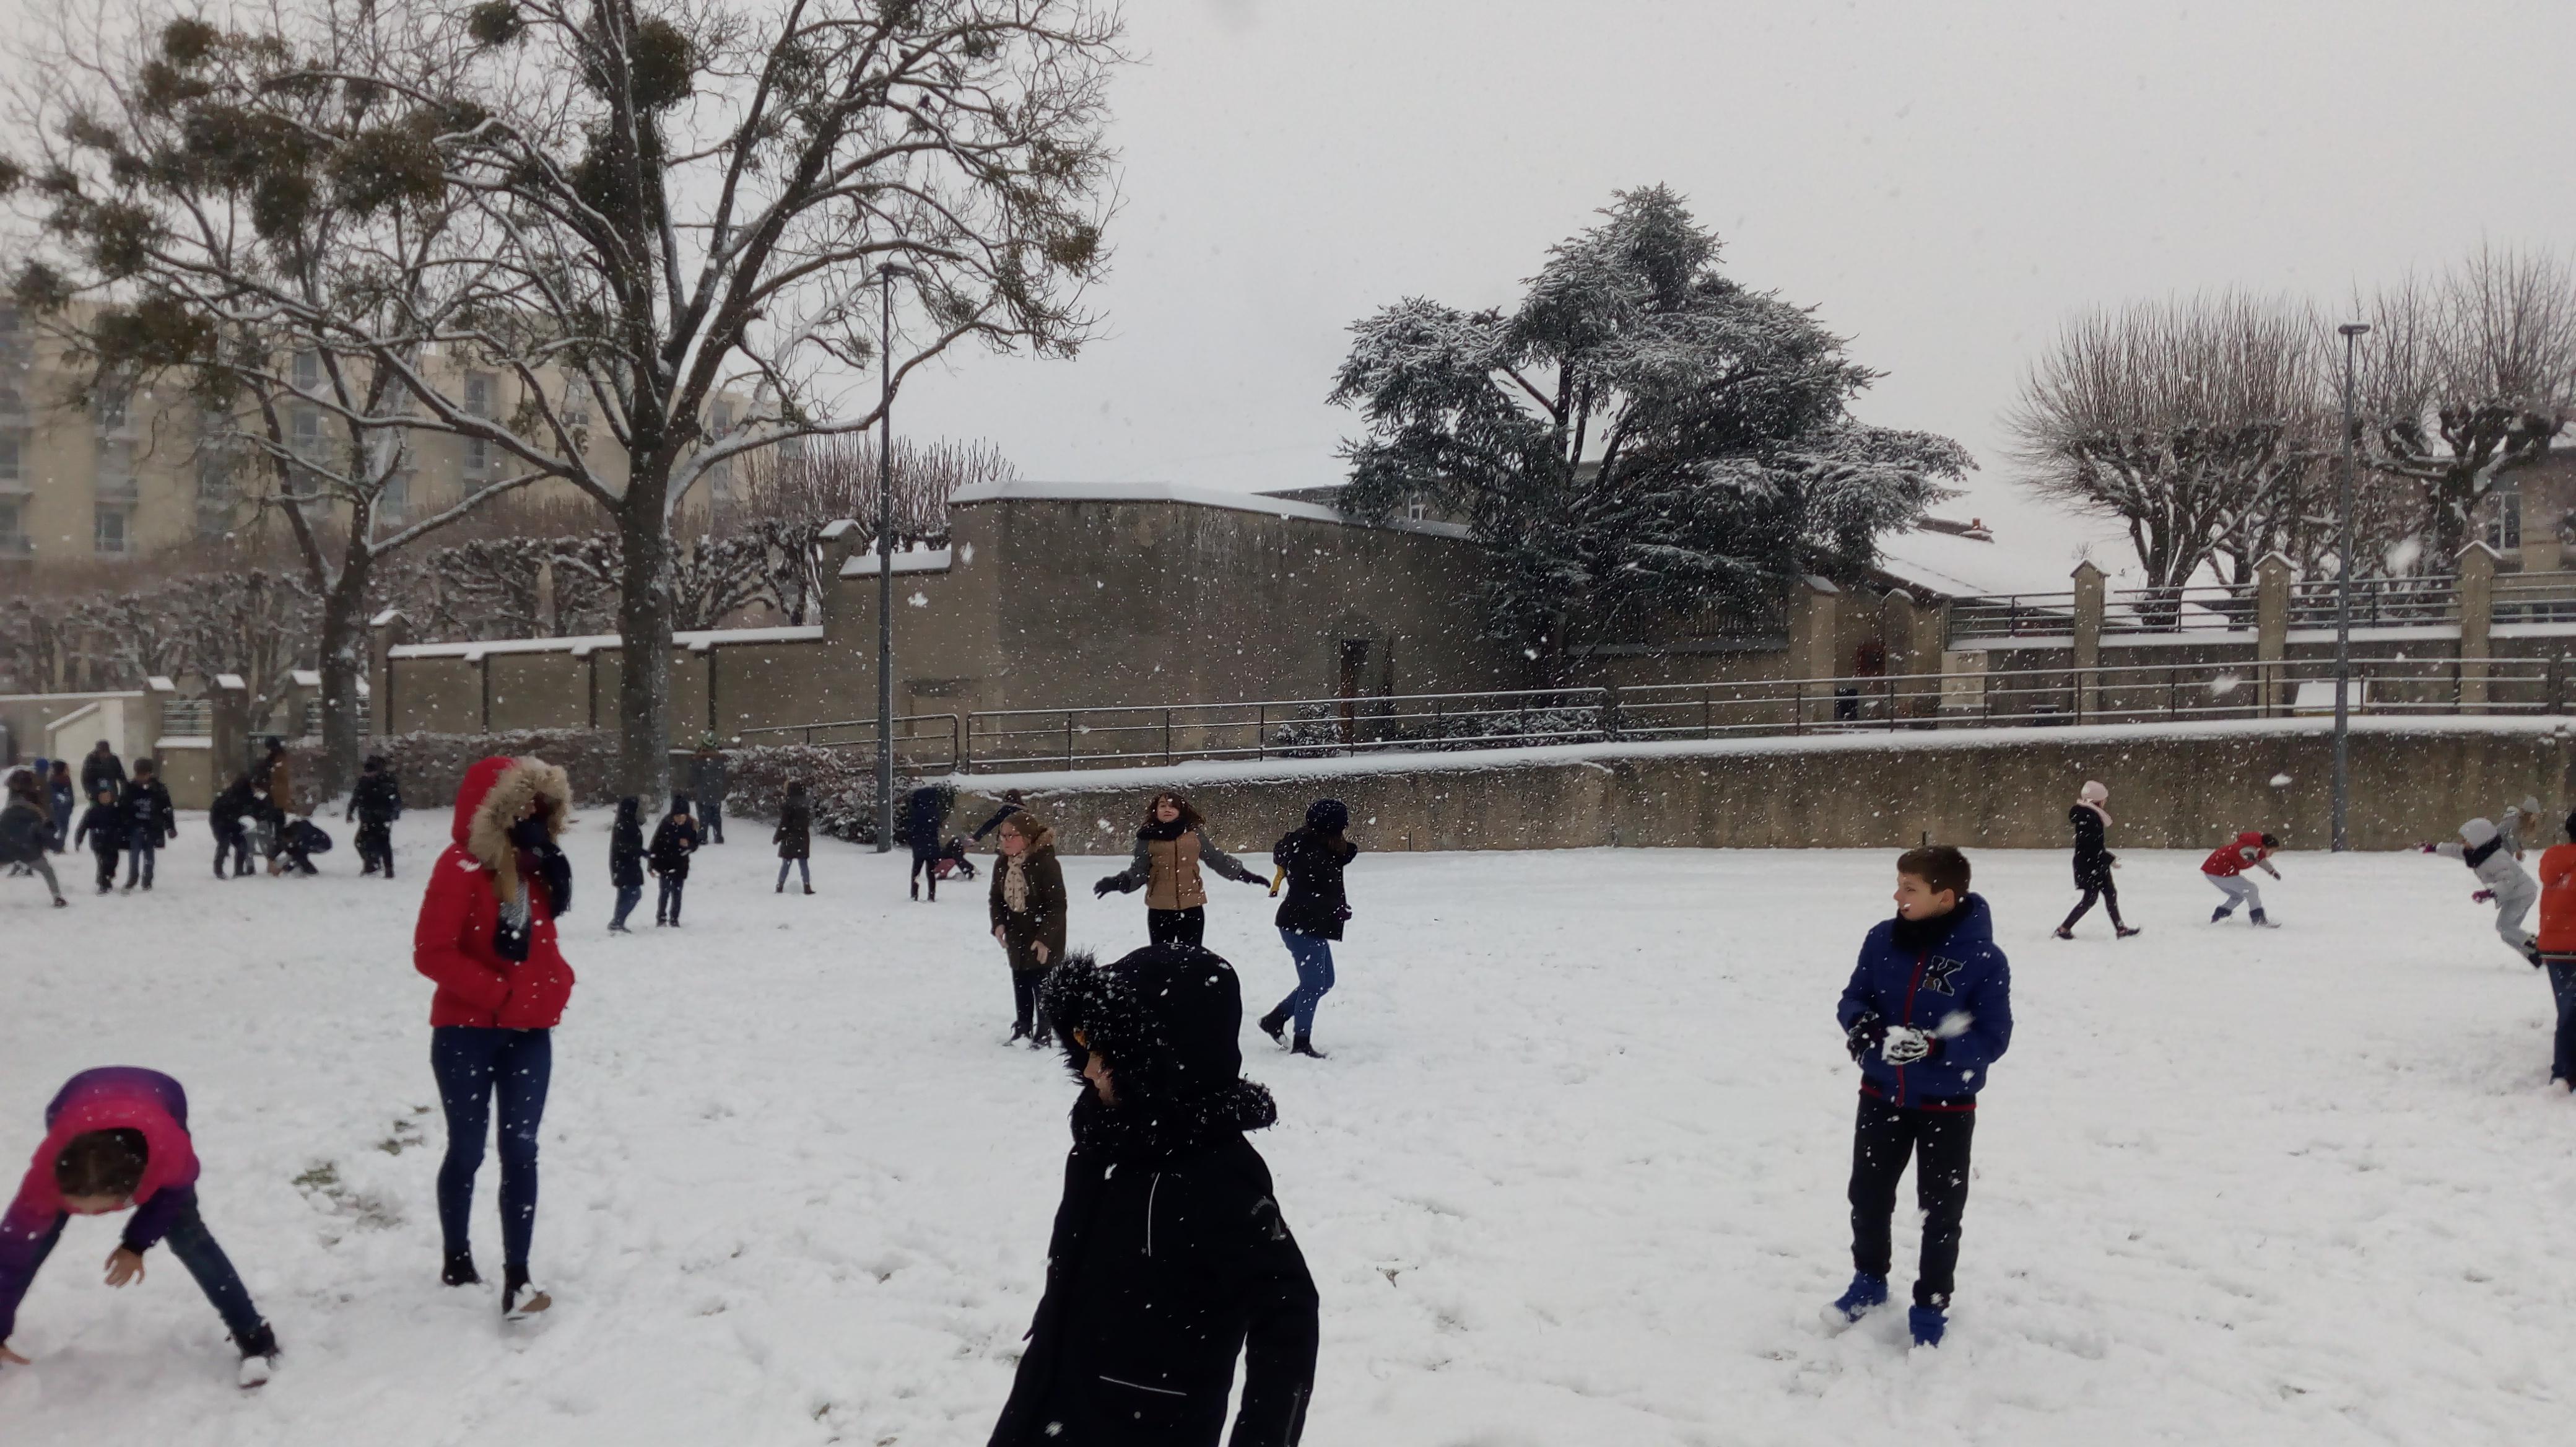 Neige ecole l mentaire pommery reims - Ren des neige ...